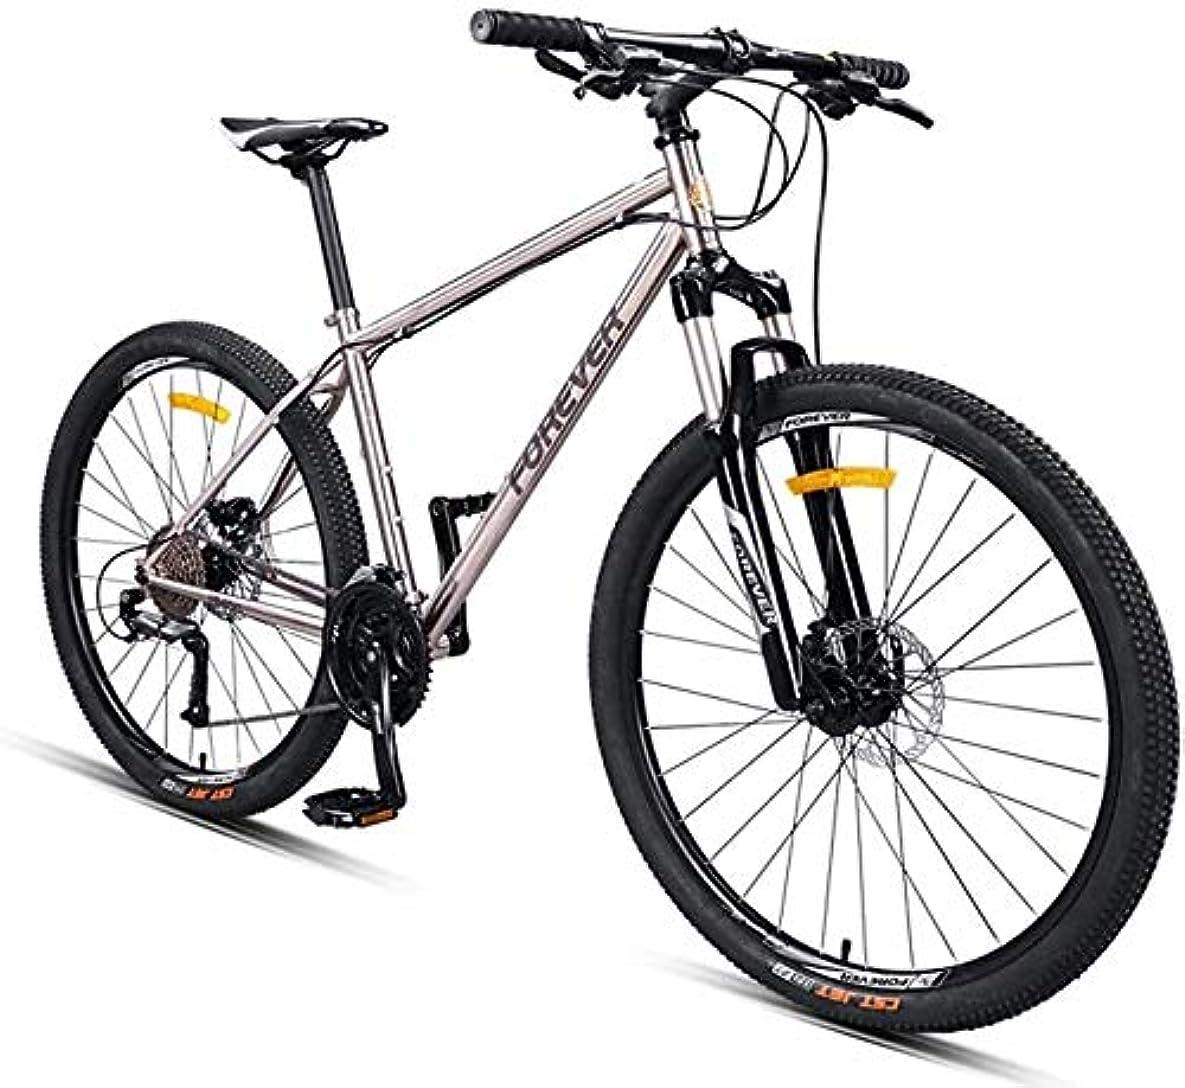 ケージハイブリッド時間大人のマウンテンバイク、27.5インチスチールフレームハードテイルマウンテンバイク、メカニカルディスクブレーキ滑り止めバイク、男性レディース全地形マウンテン自転車、30スピード